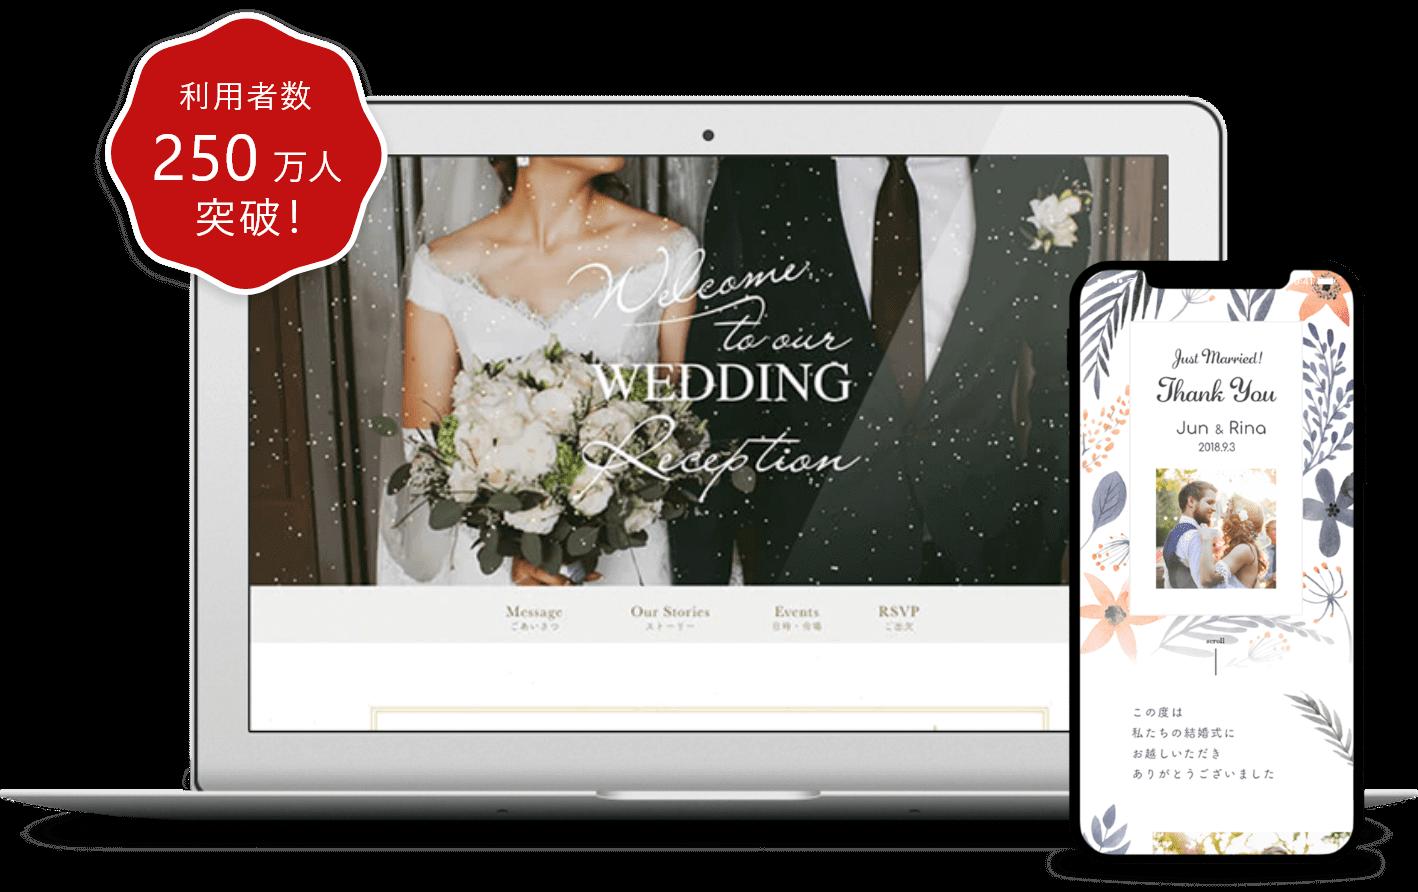 法人版 結婚式のWEB招待状DEAR